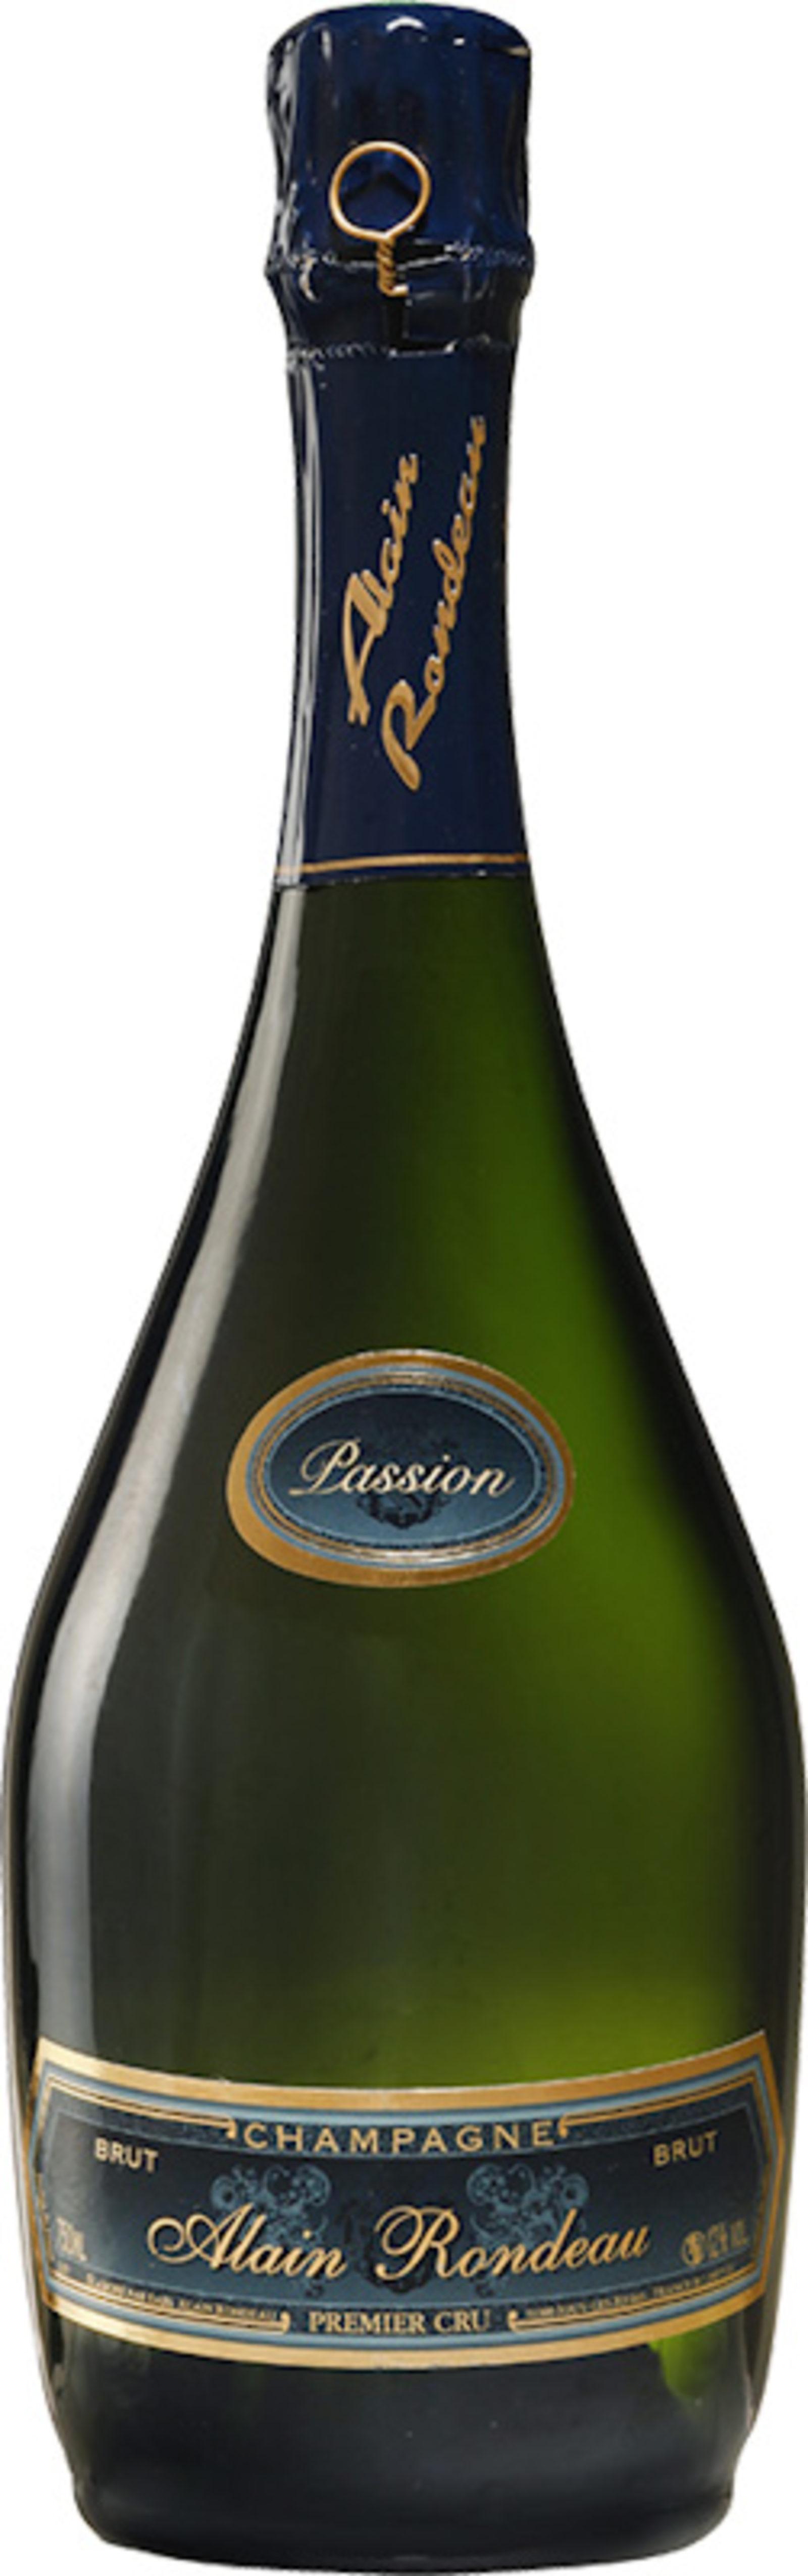 Bouteille de Champagne Cuvée Passion